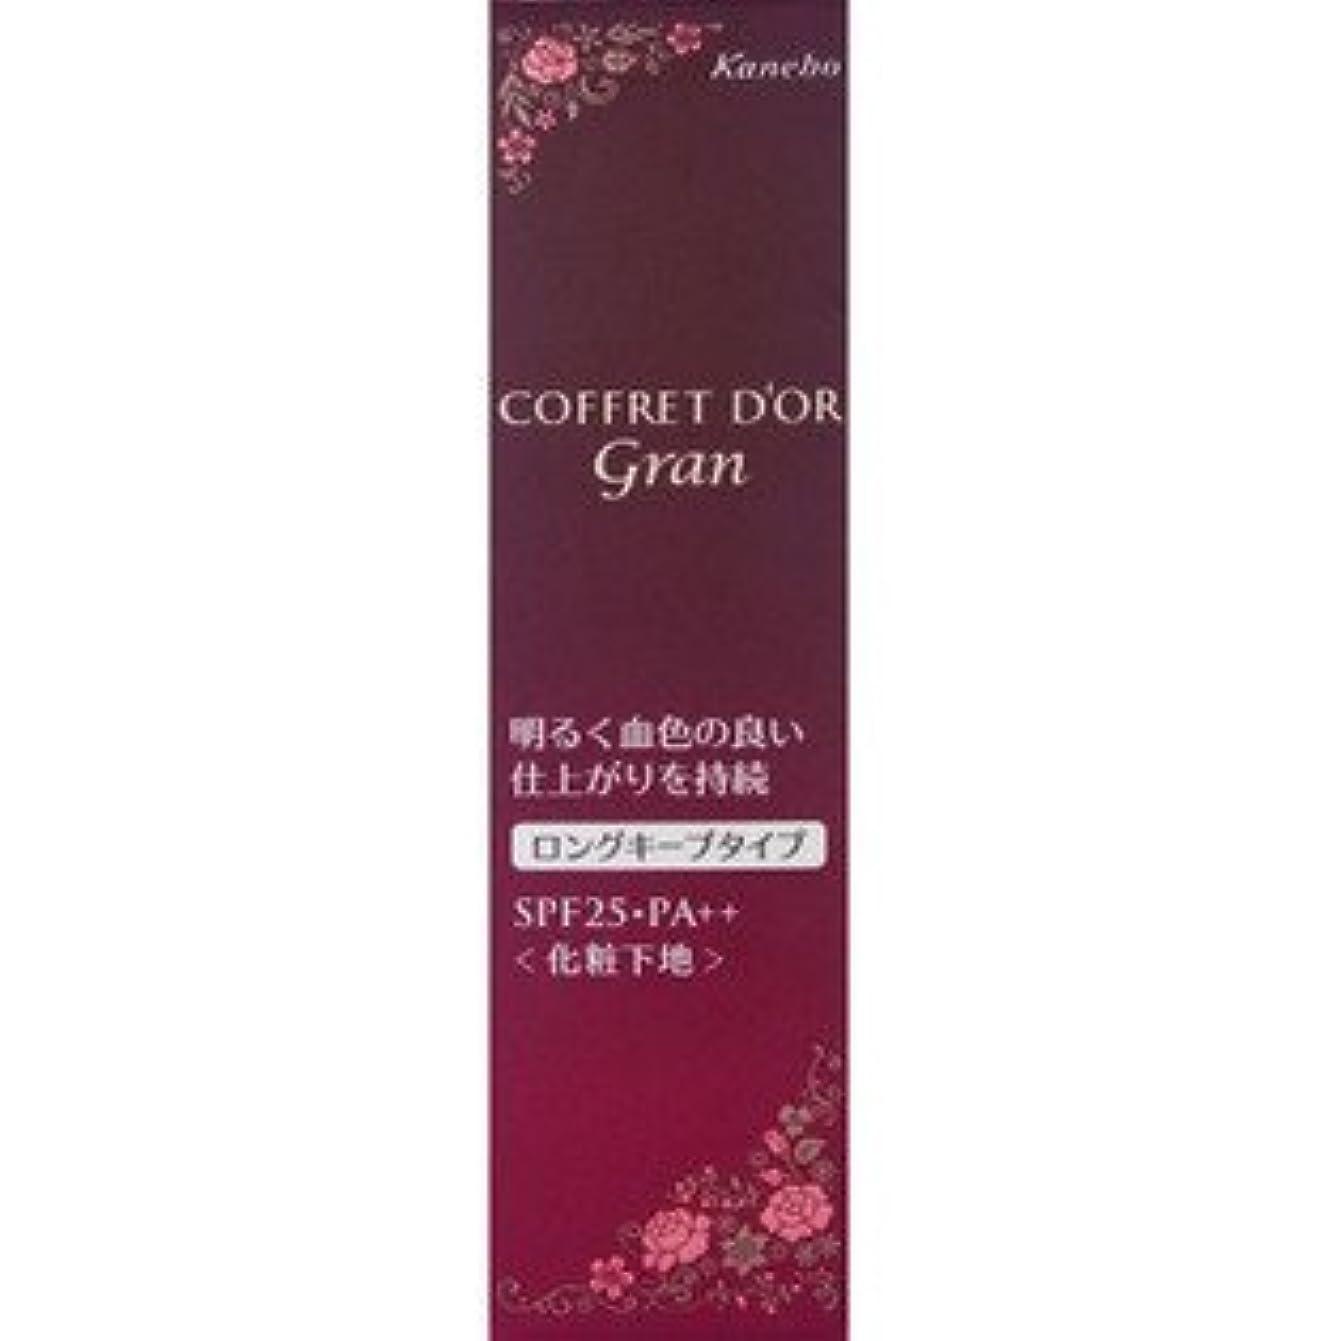 カネボウコフレドールグラン(COFFRET D'OR gran)モイストカバーベースUV25g SPF25 PA++